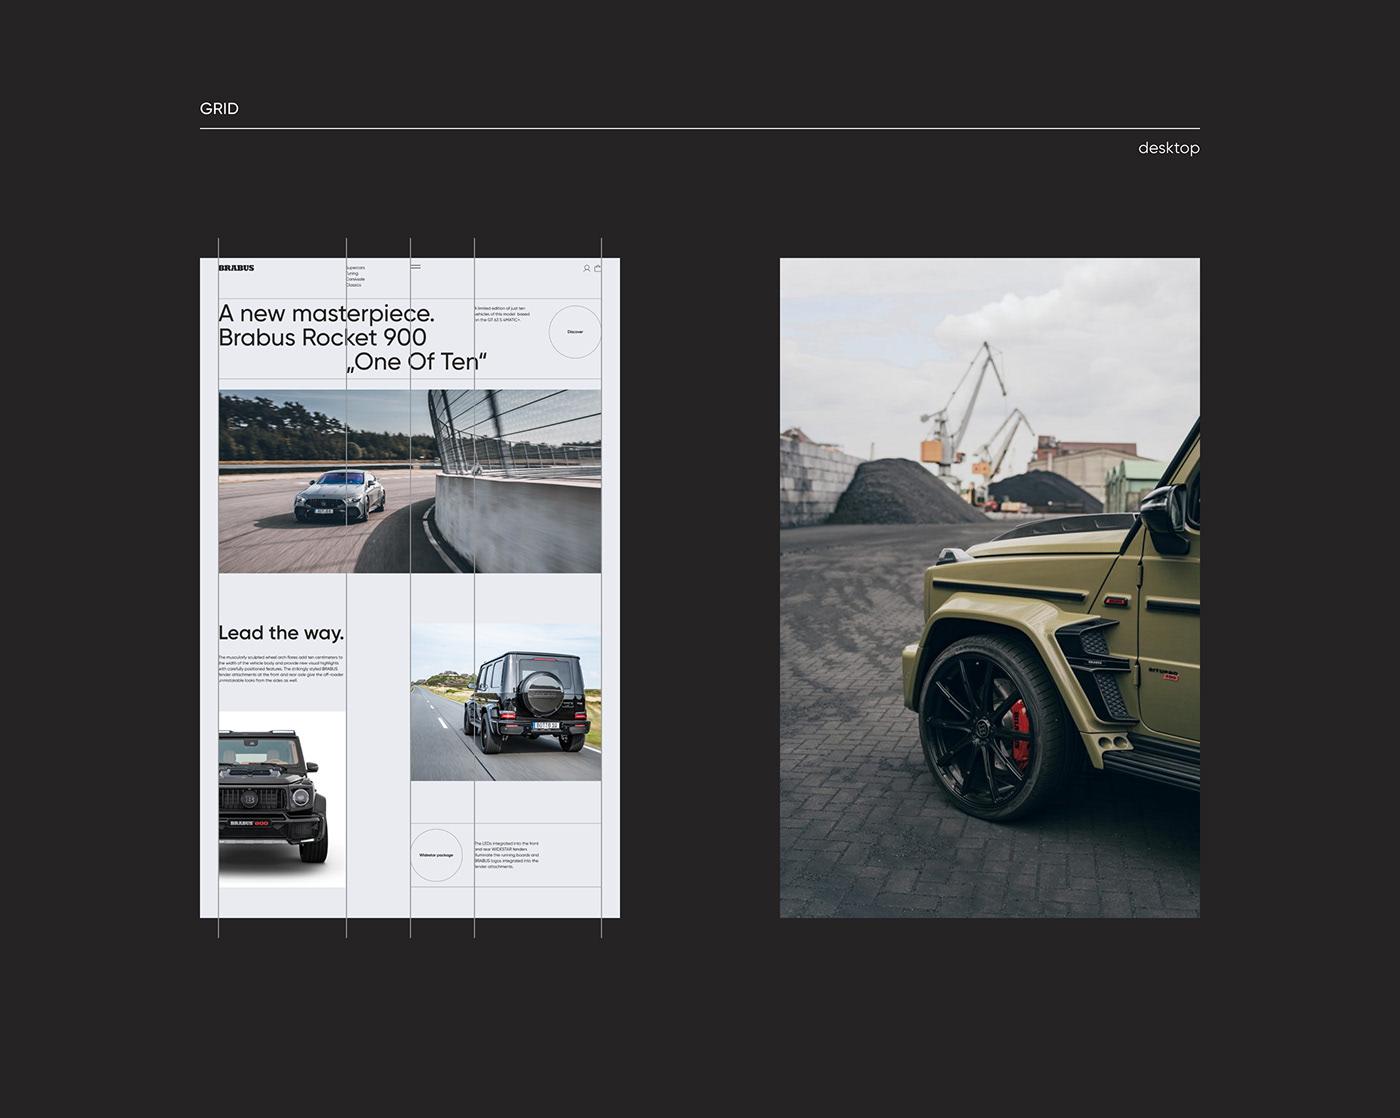 BRABUS,Cars,luxury,mercedes,minimal,tuning,uprock,uxui,Webdesign,Website